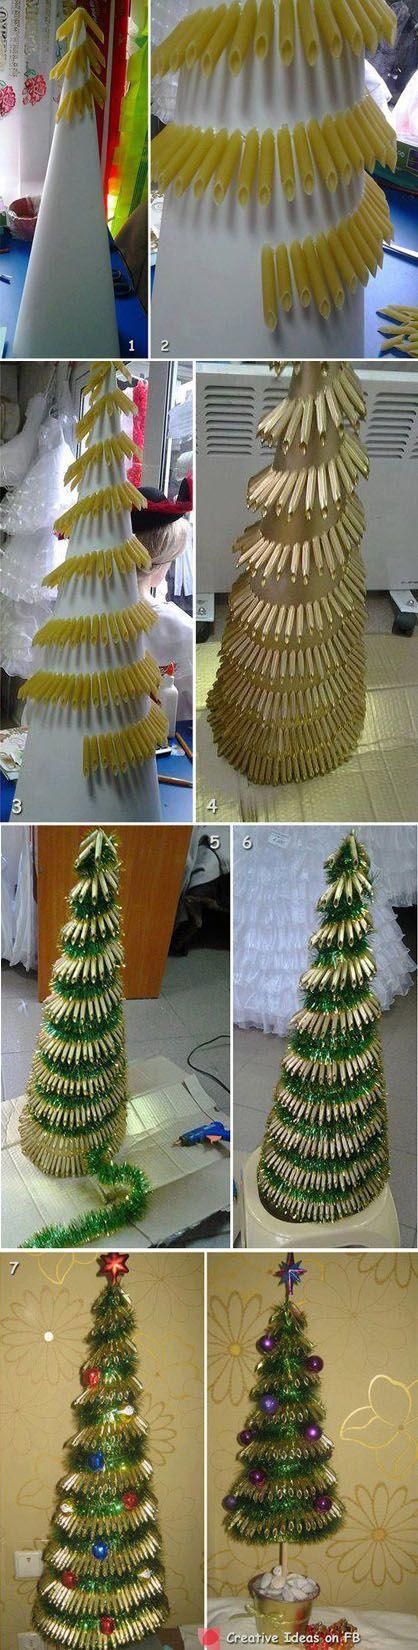 Árbol de Navidad con macarrones caducados